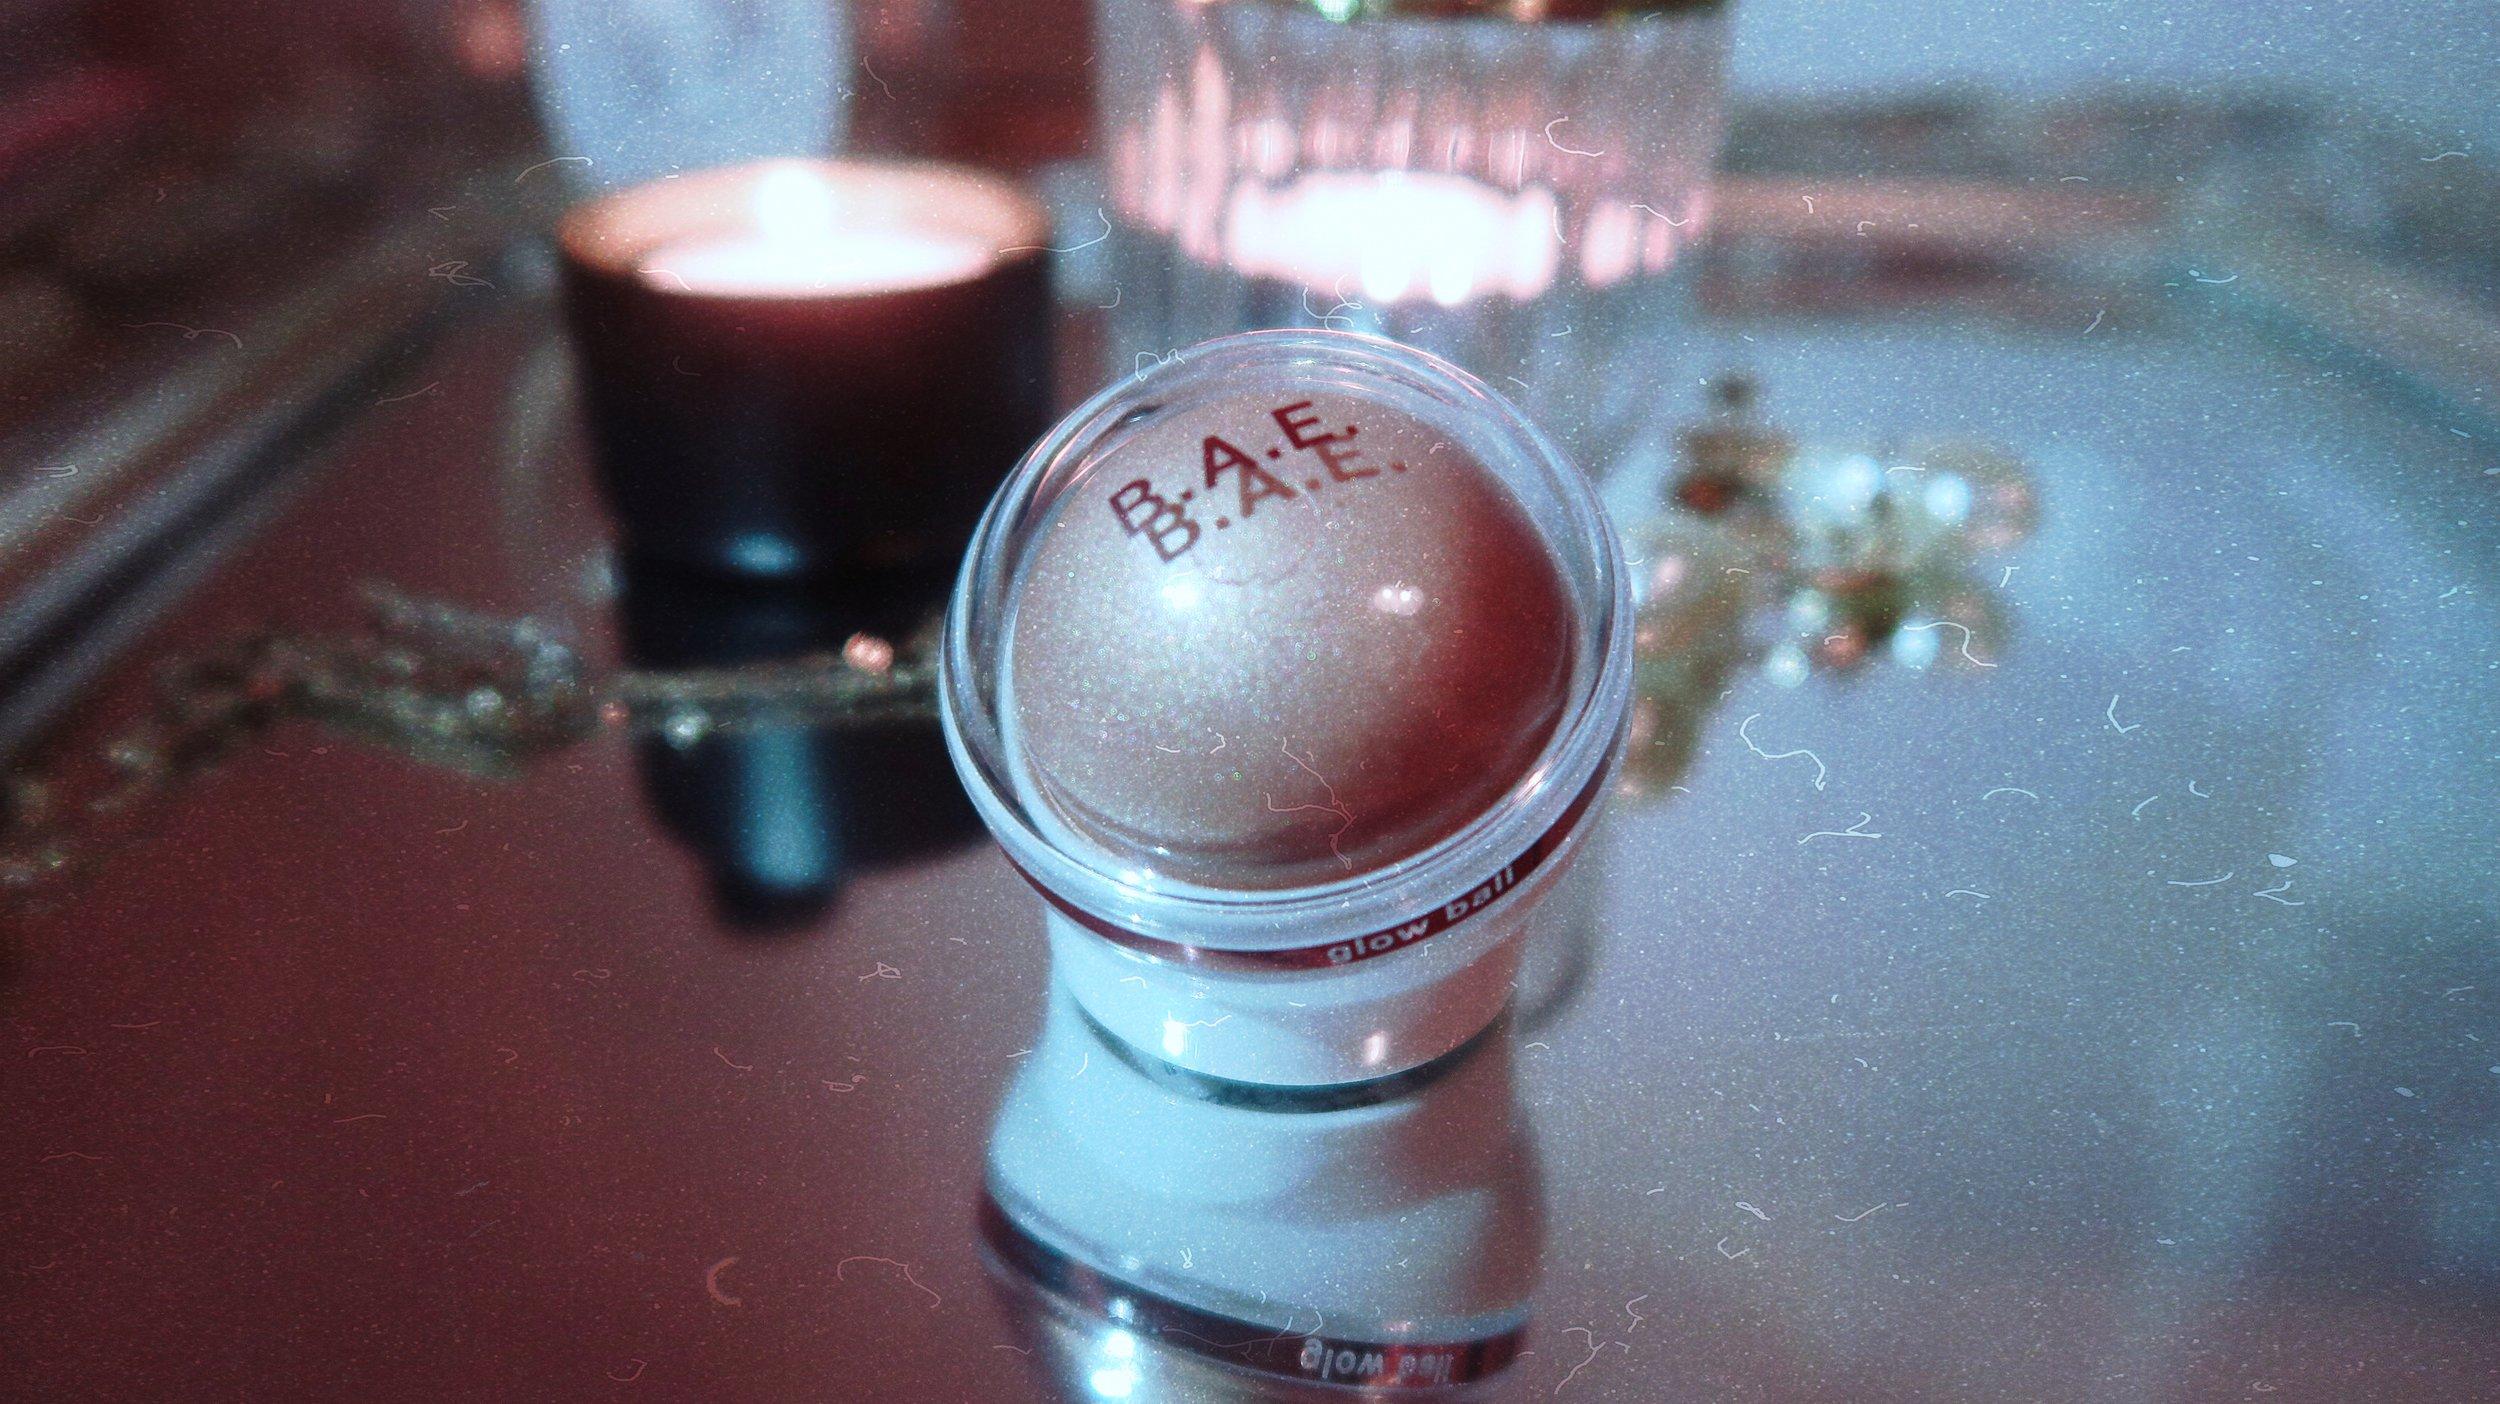 B.A.E. Glow ball -